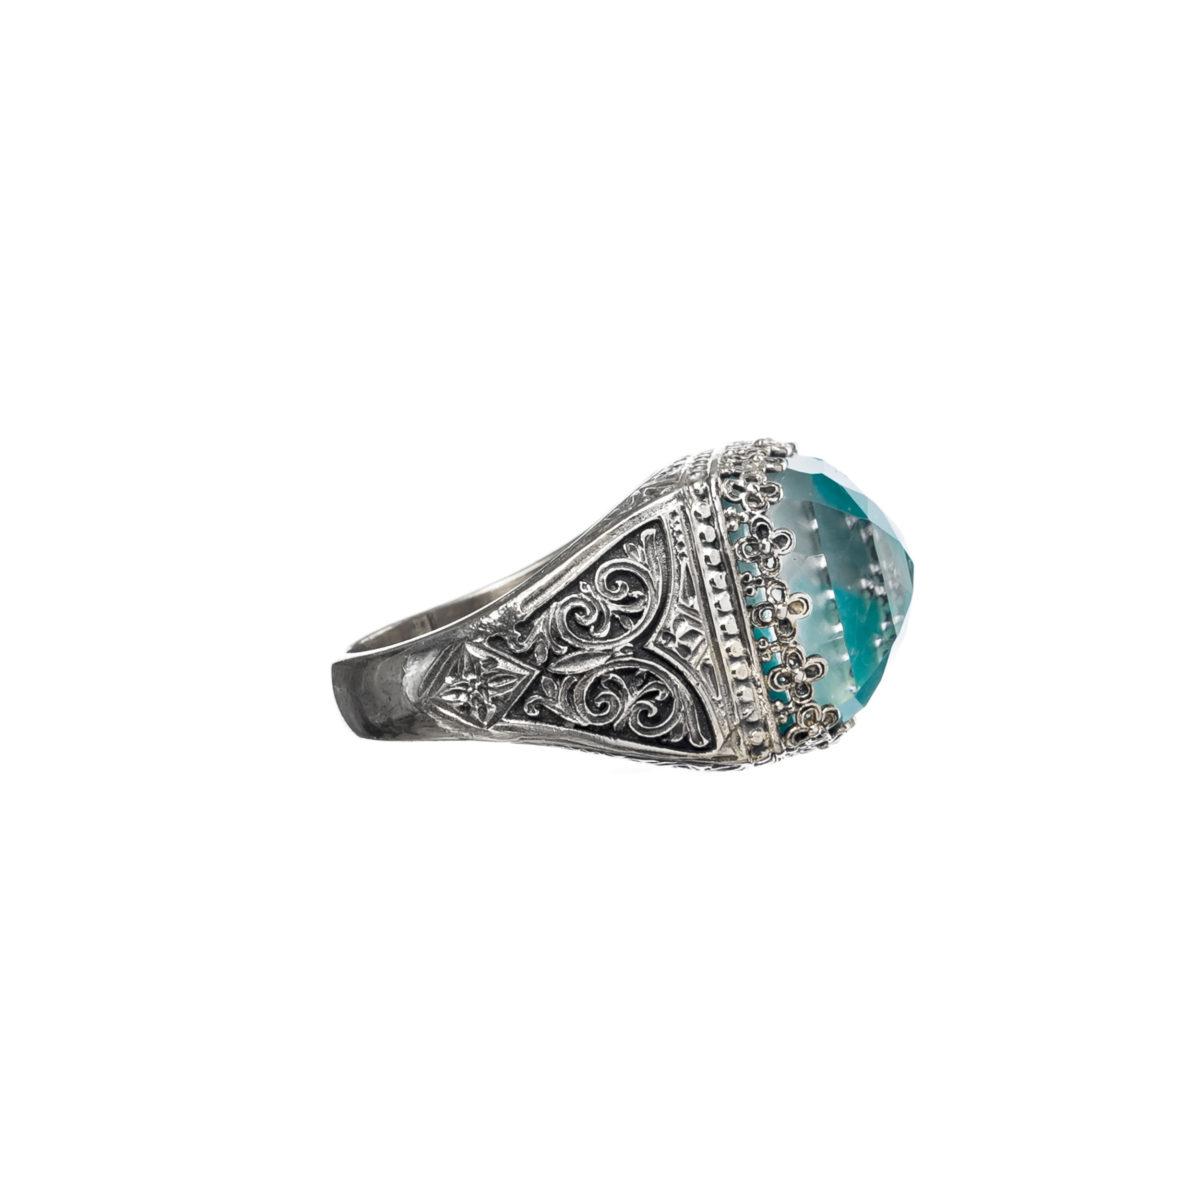 Εντυπωσιακό δαχτυλίδι Gerochristos στολισμένο με ντουμπλέτα πέτρα Αμαζονίτη και καθαρό Χαλαζία